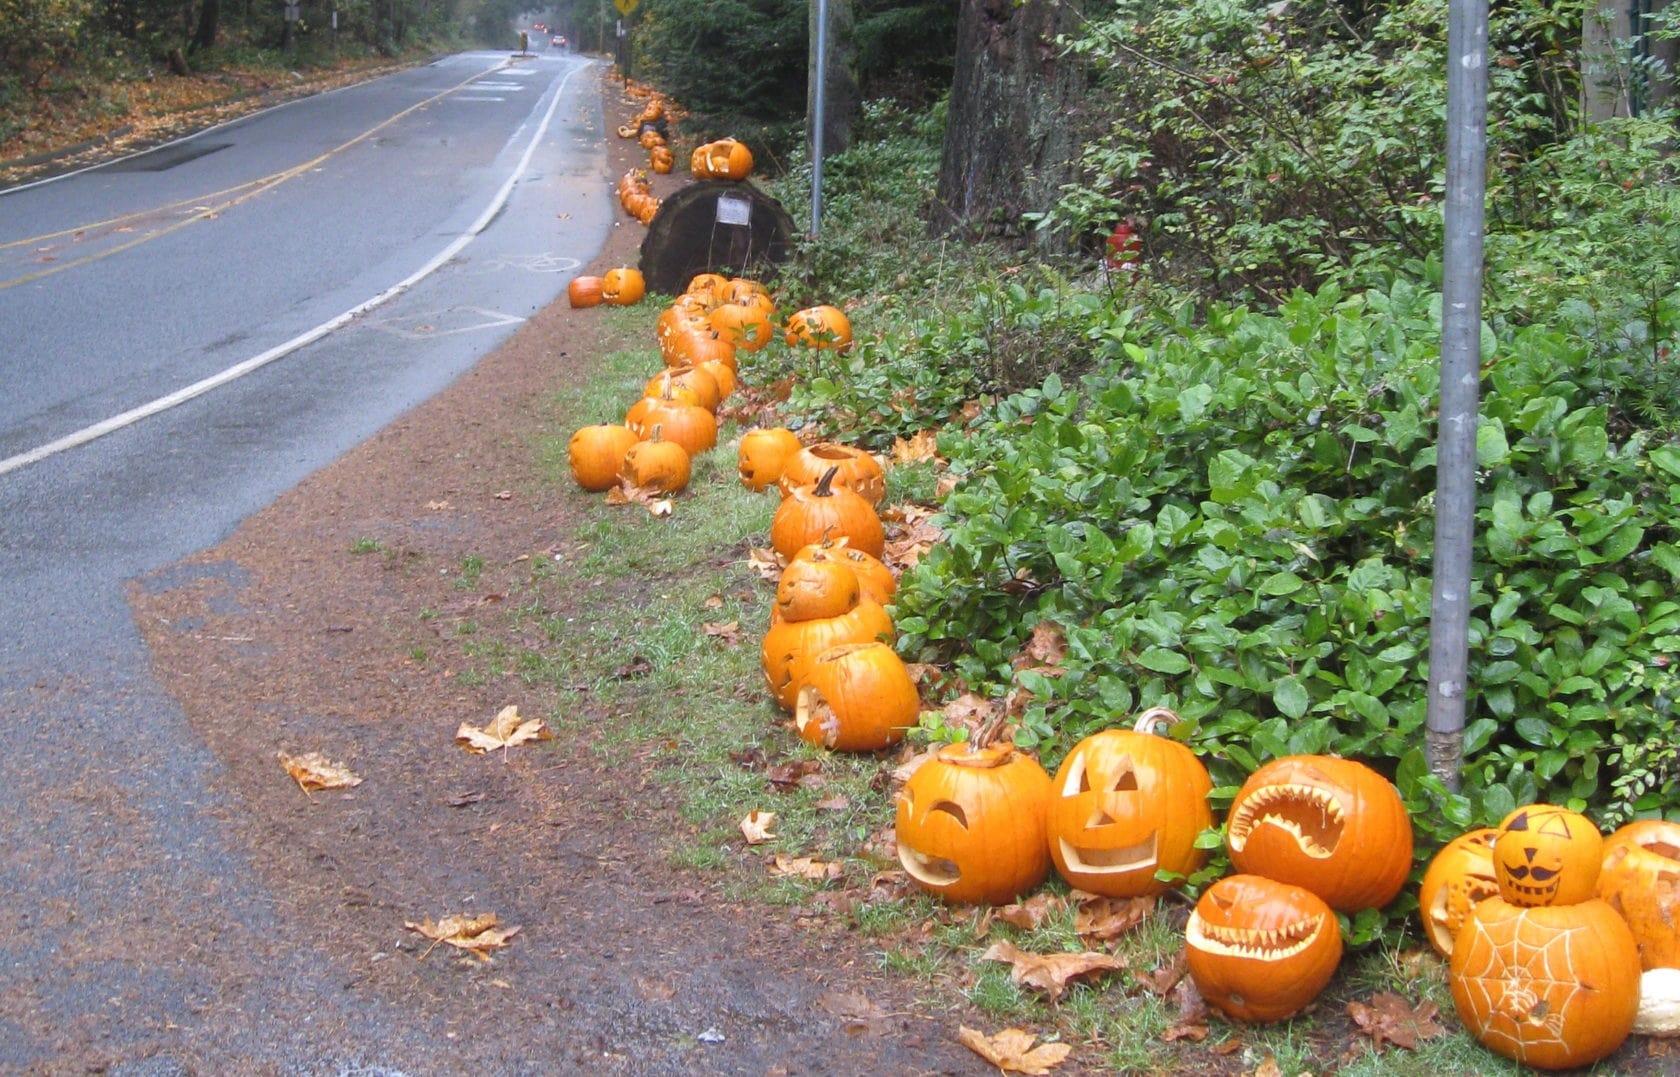 Happy Haunts: Zendrive's Tips For A Safe Halloween